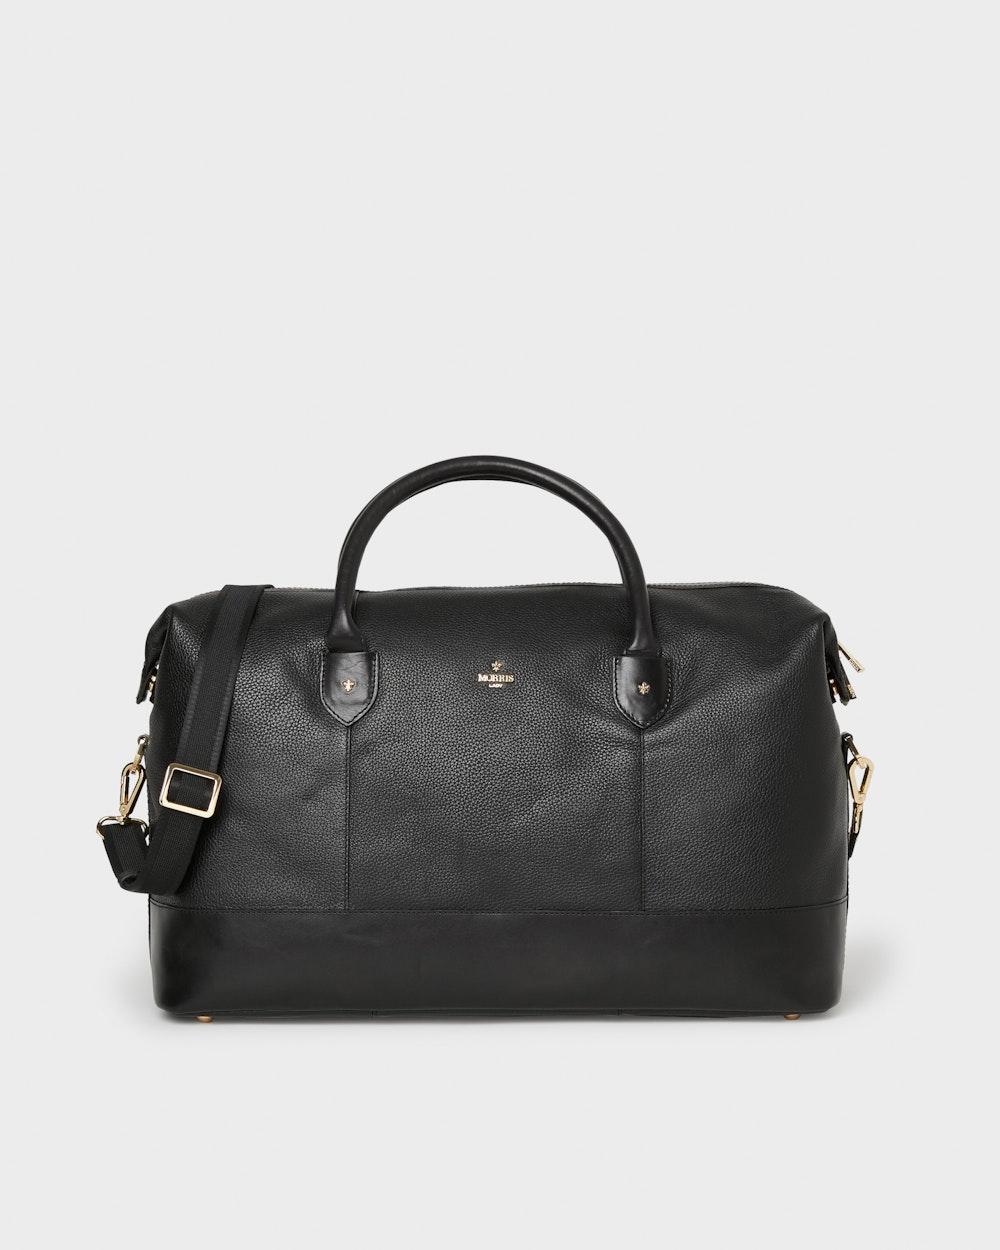 Eve weekend bag Black Morris